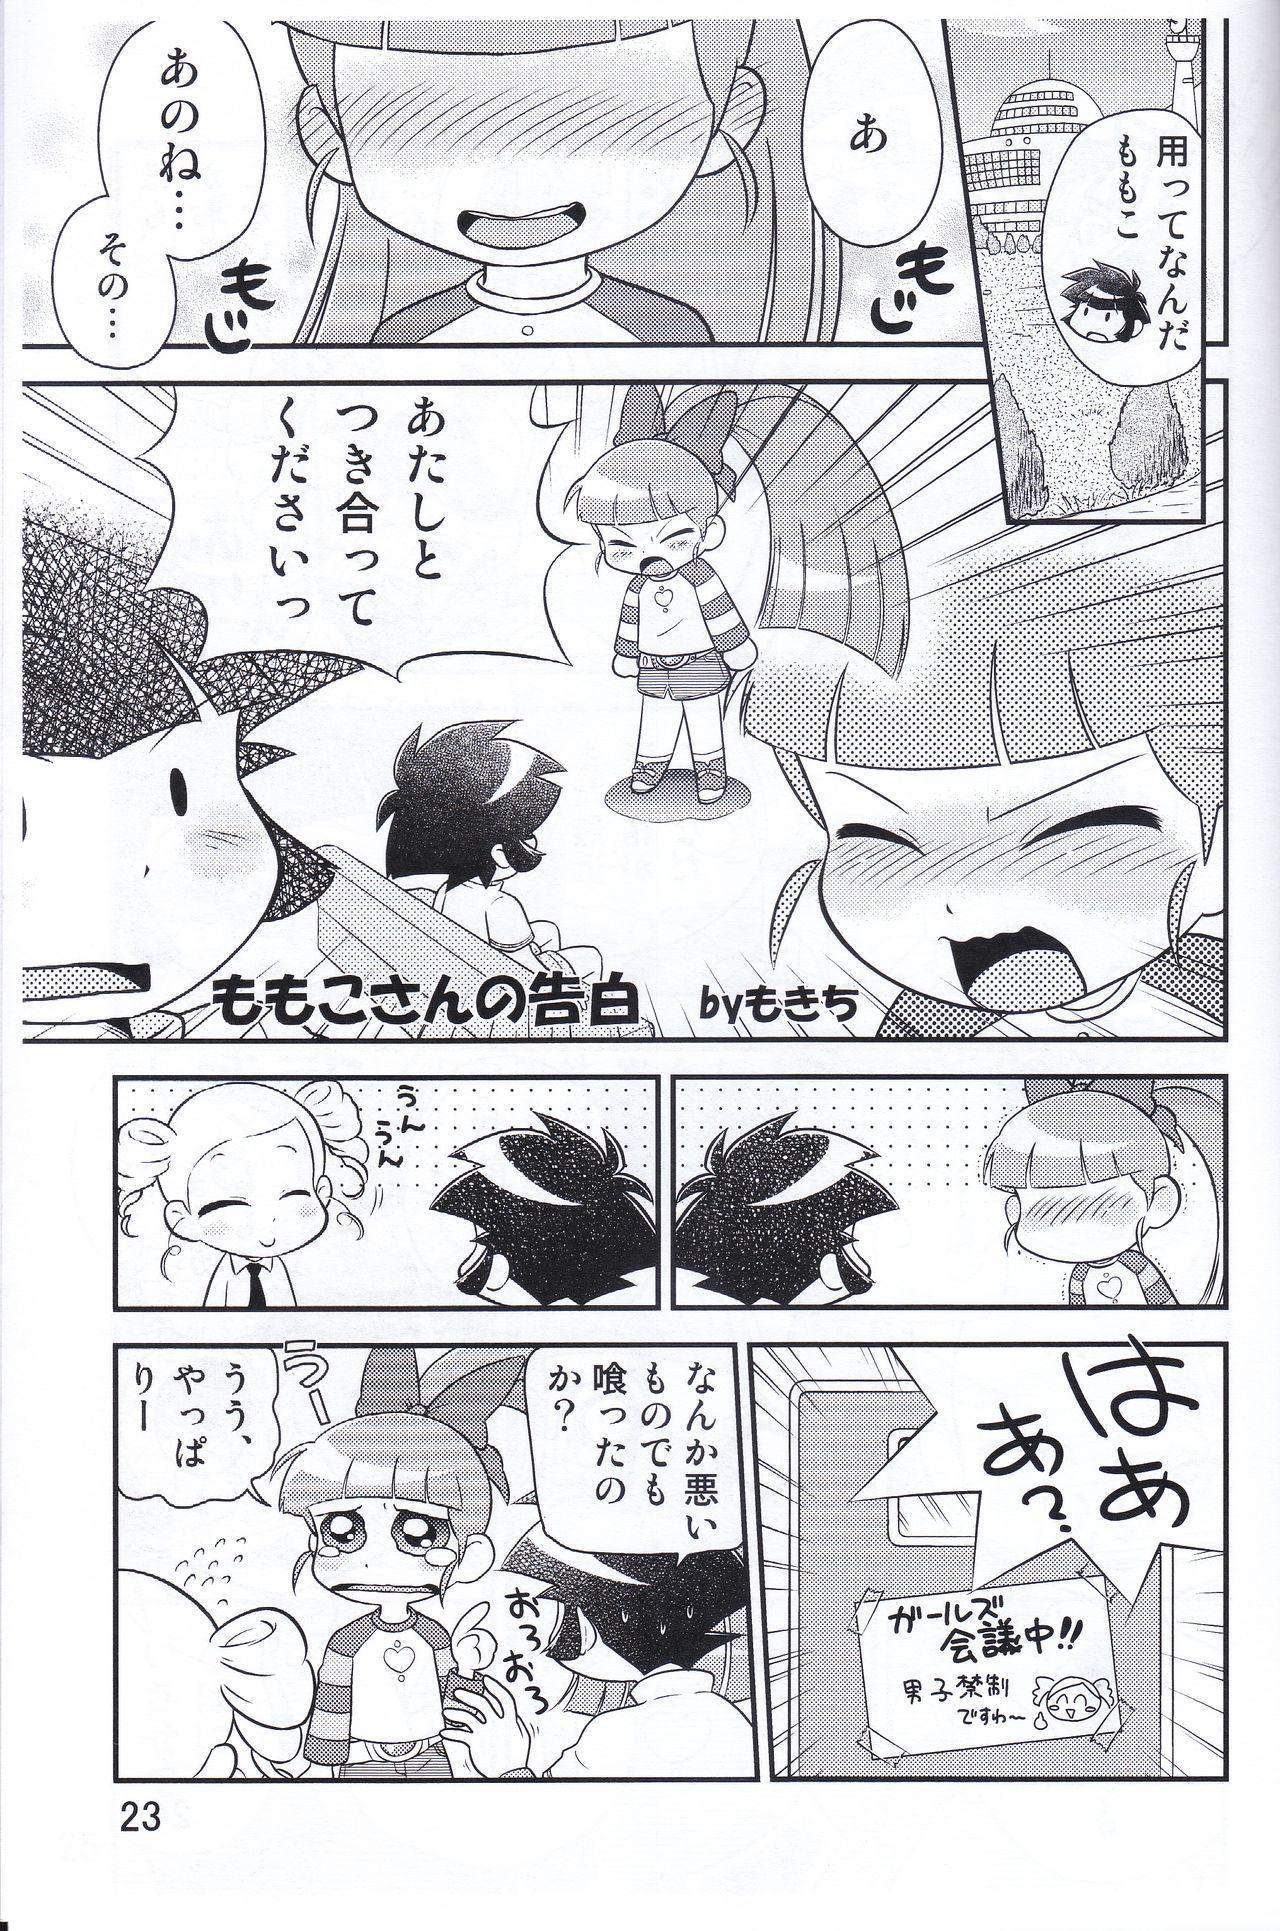 Juicy6 22